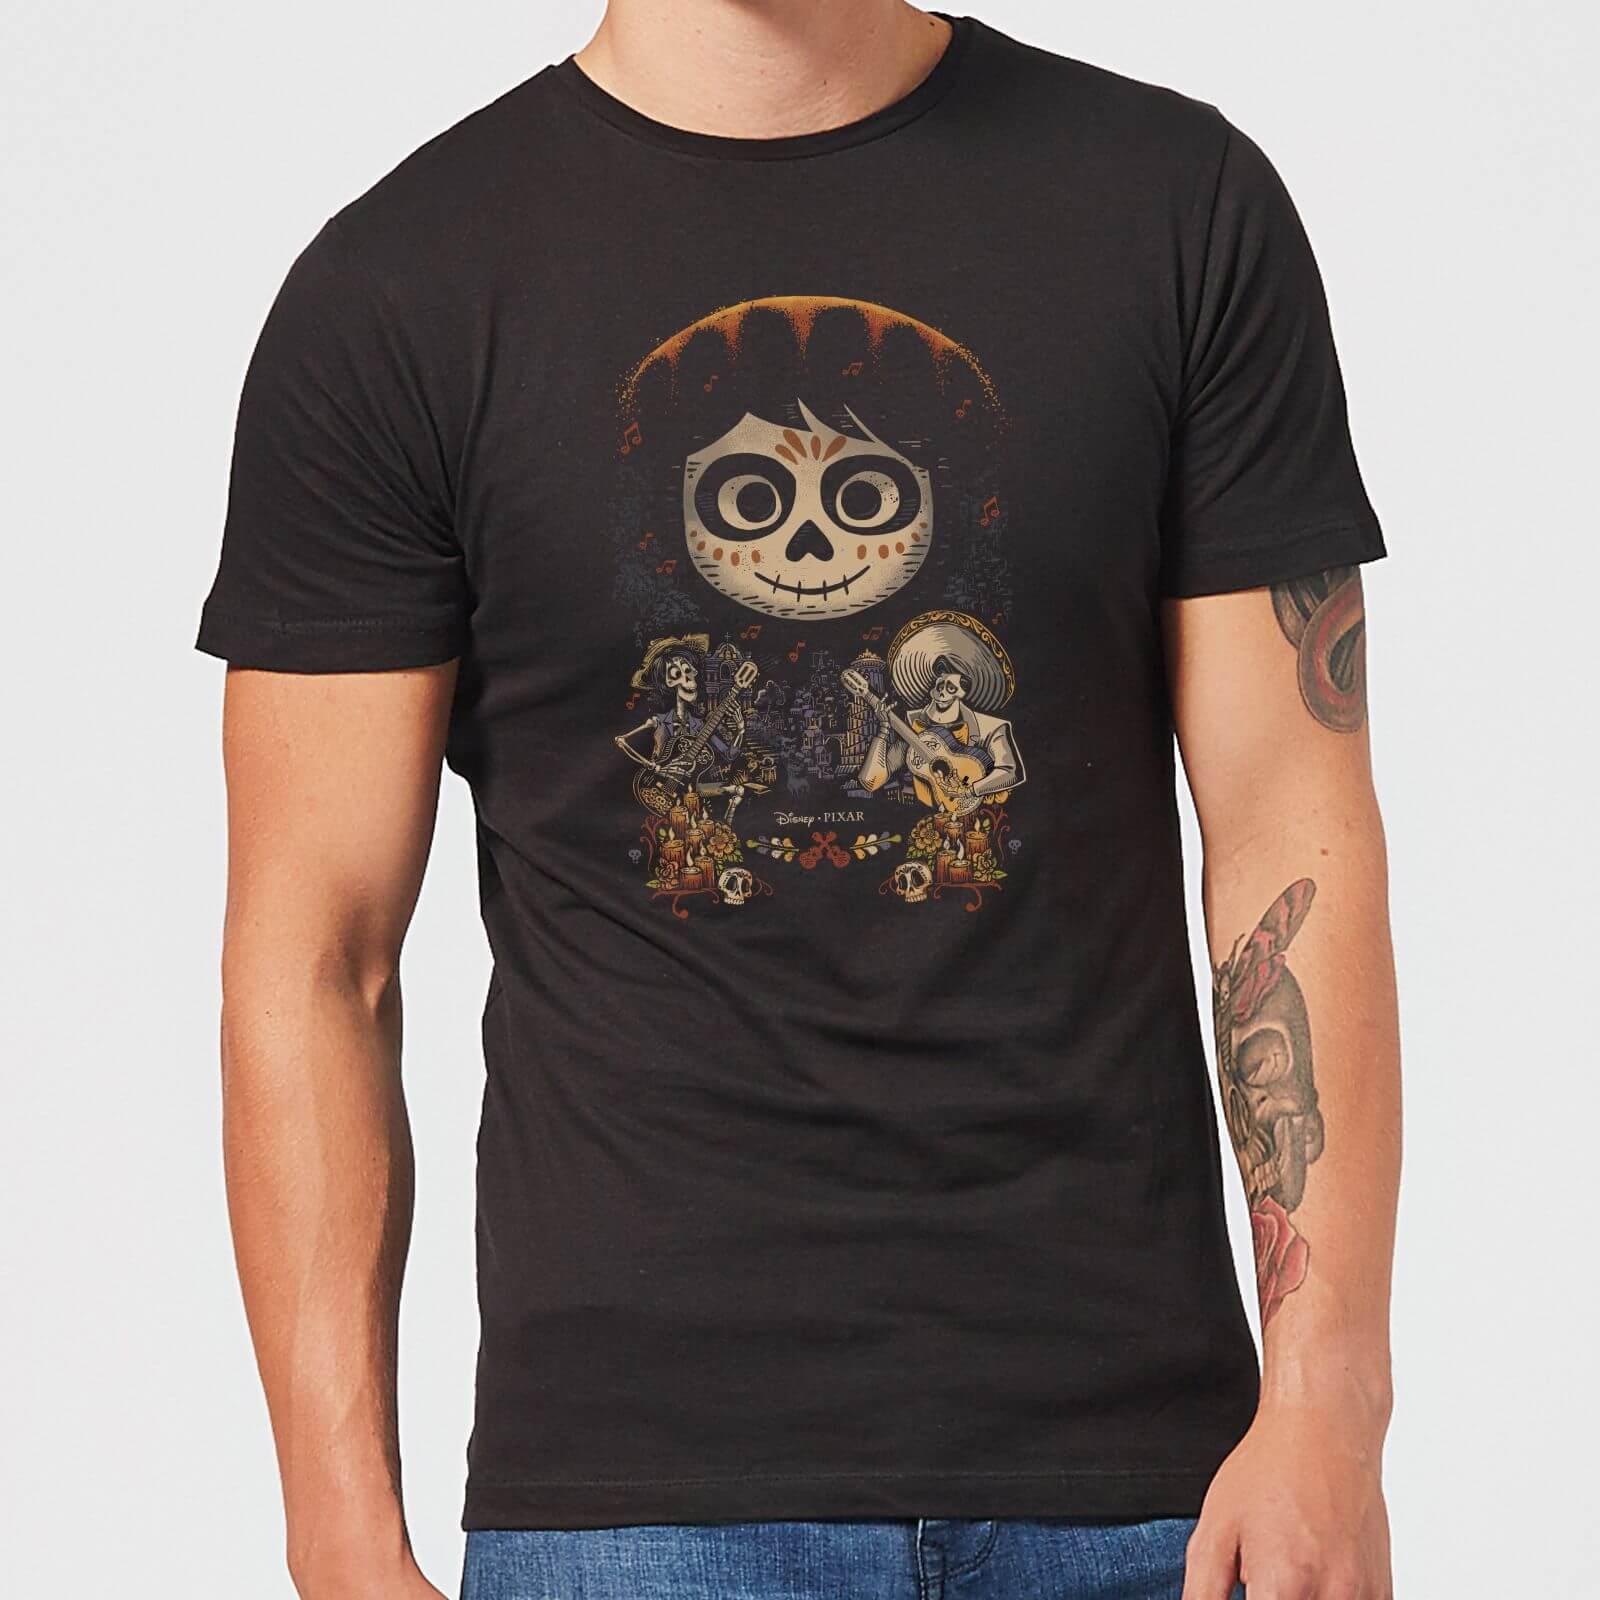 Pixar T-Shirt Homme Visage Miguel Poster Coco - Noir - L - Noir